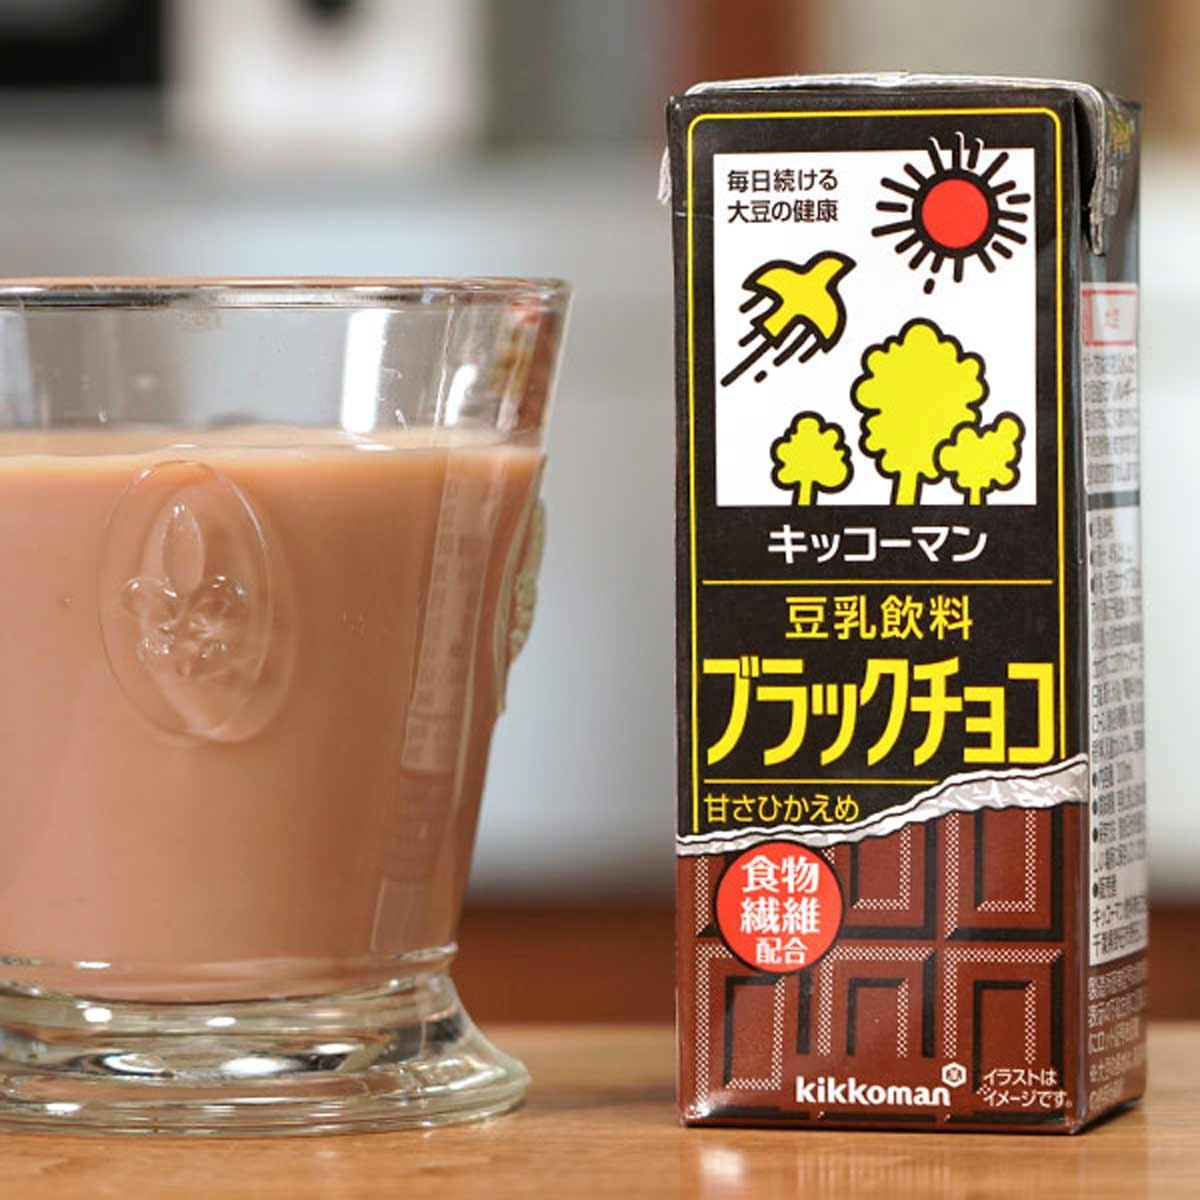 全39種類一気飲みレビュー! 「キッコーマンの豆乳」人気ランキング